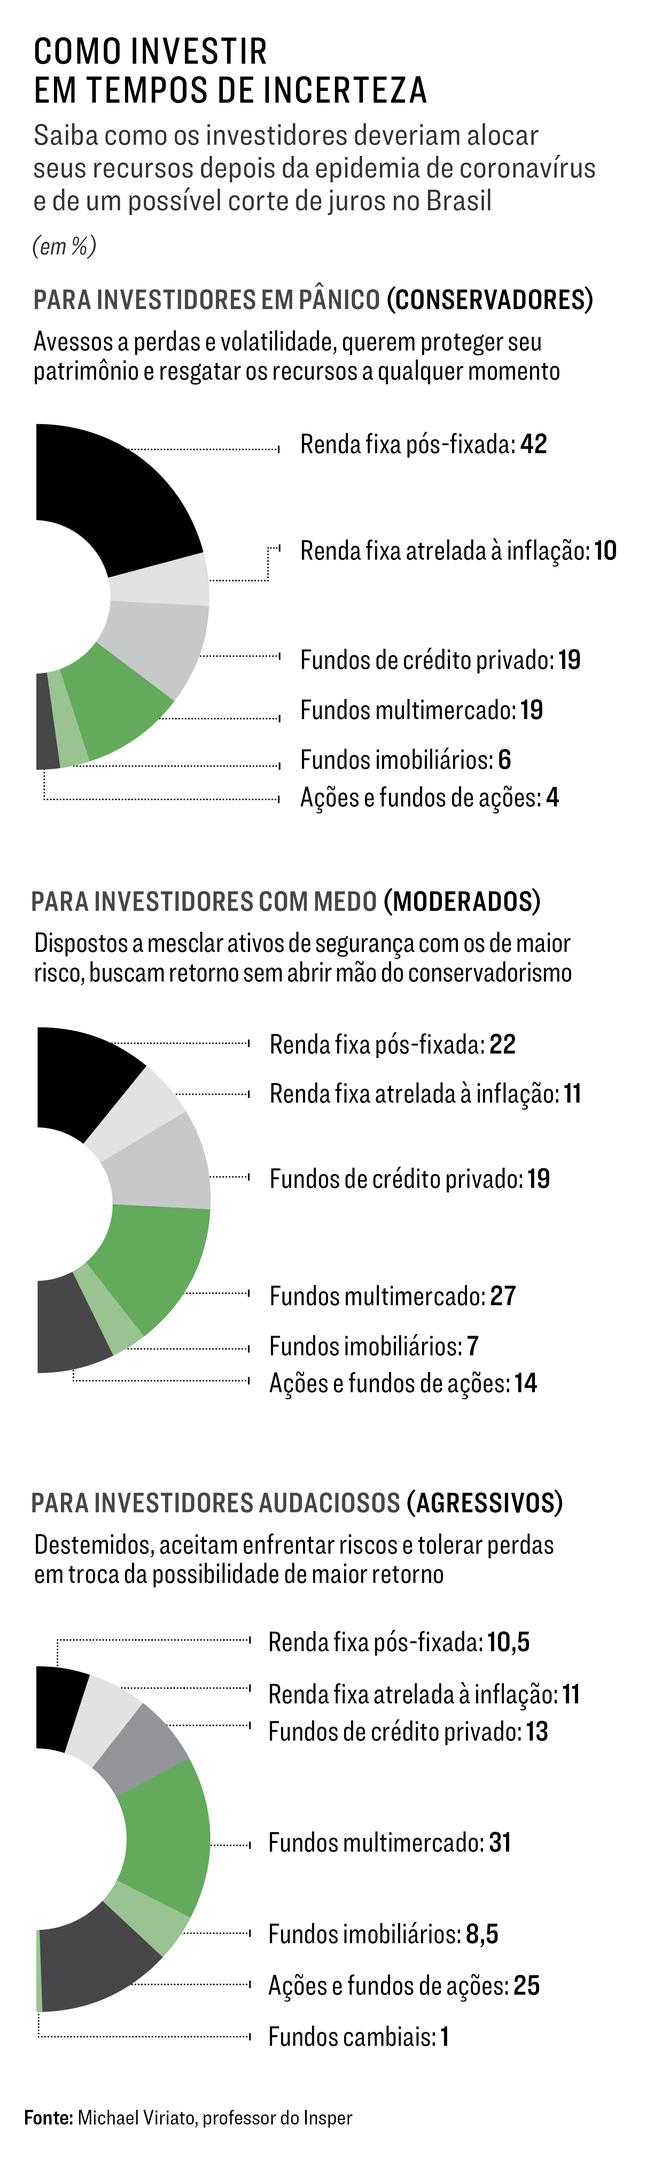 investir na bolsa em tempos de crise